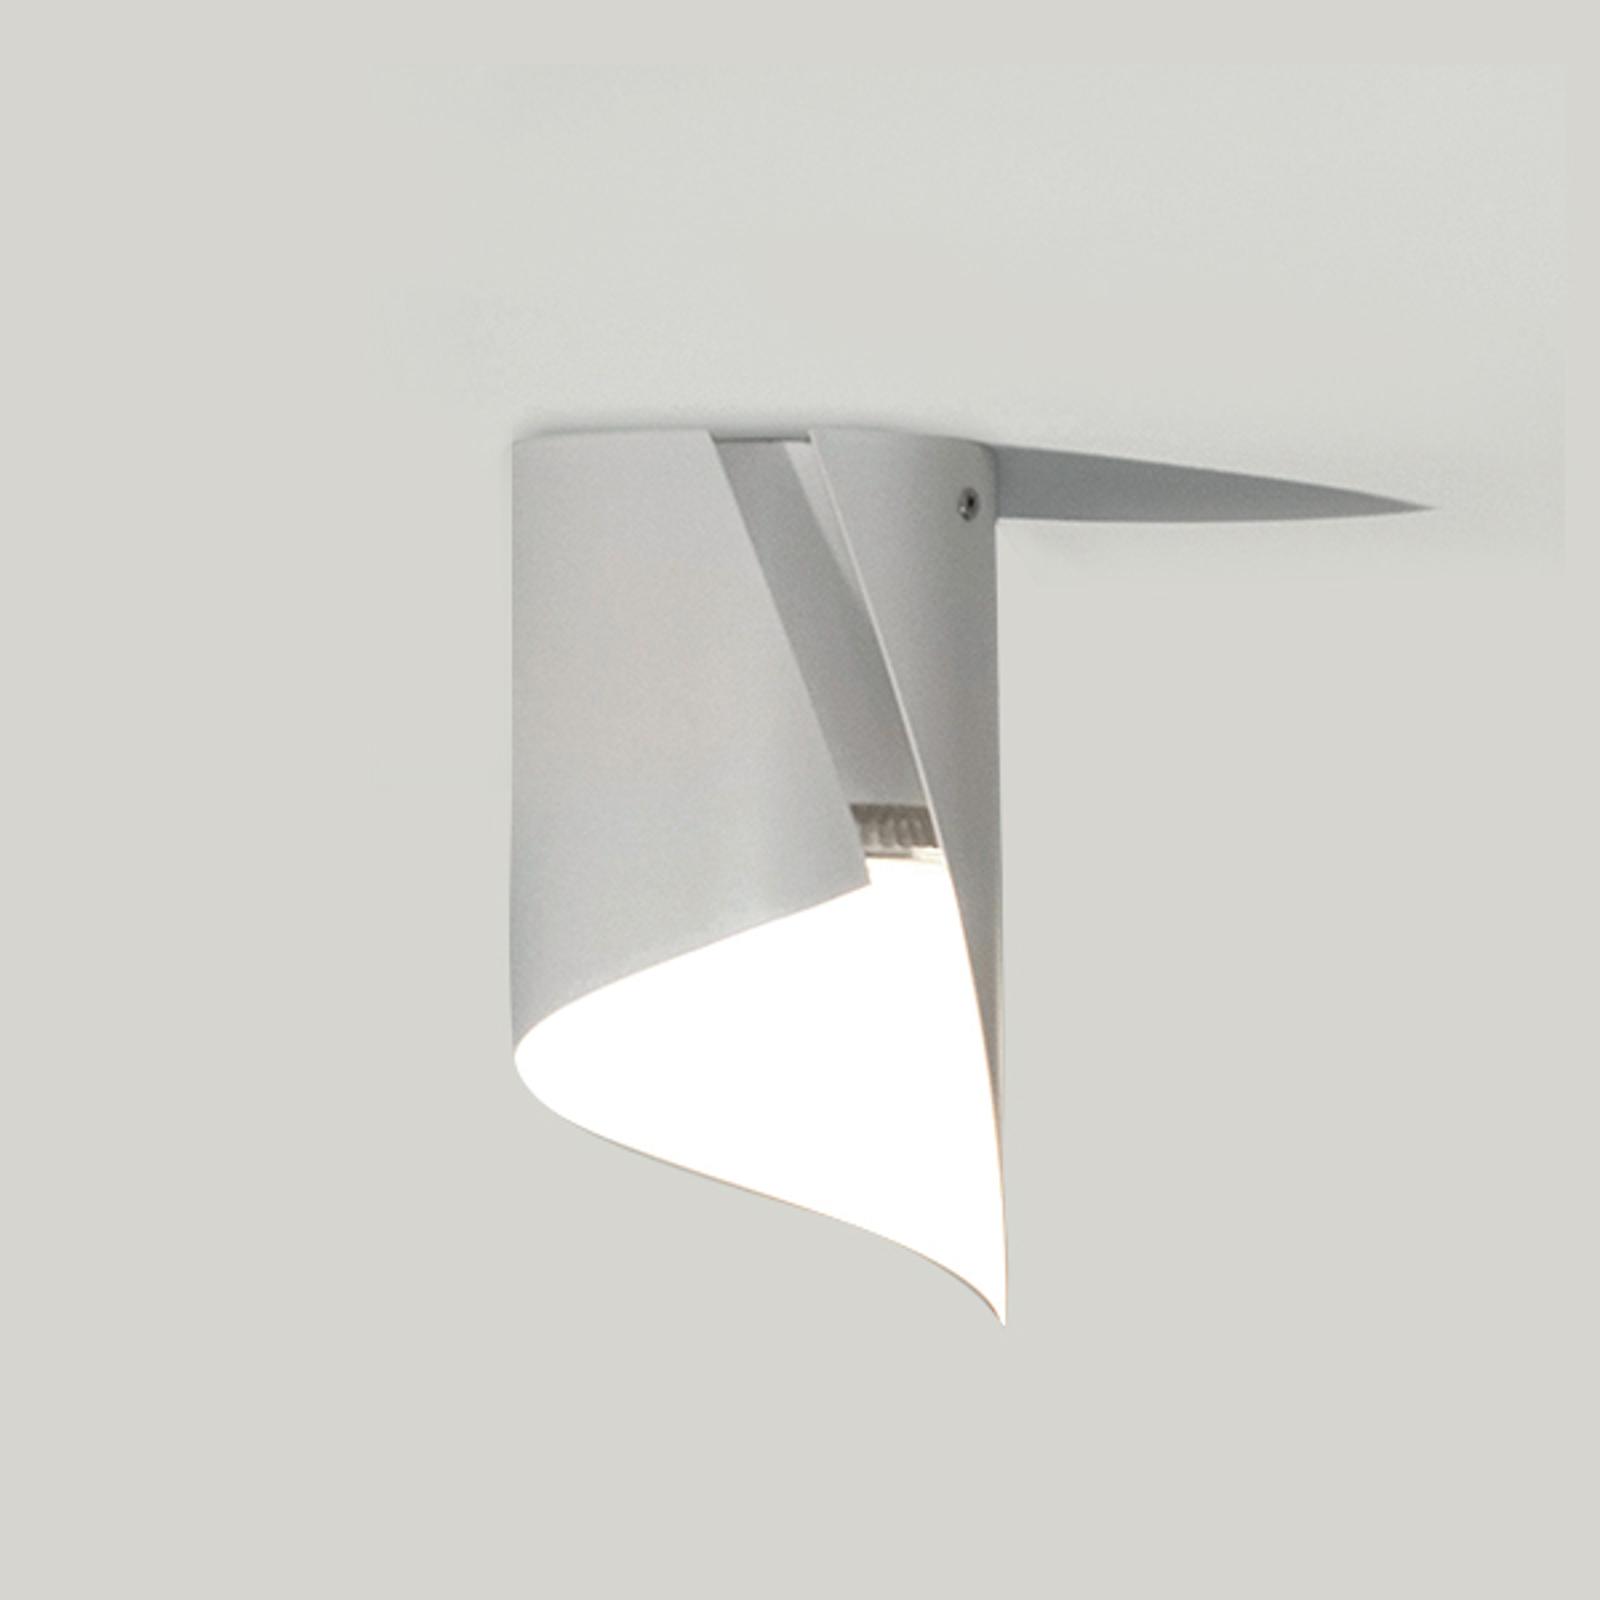 Knikerboker Hué LED stropní svítidlo 12x21cm bílé